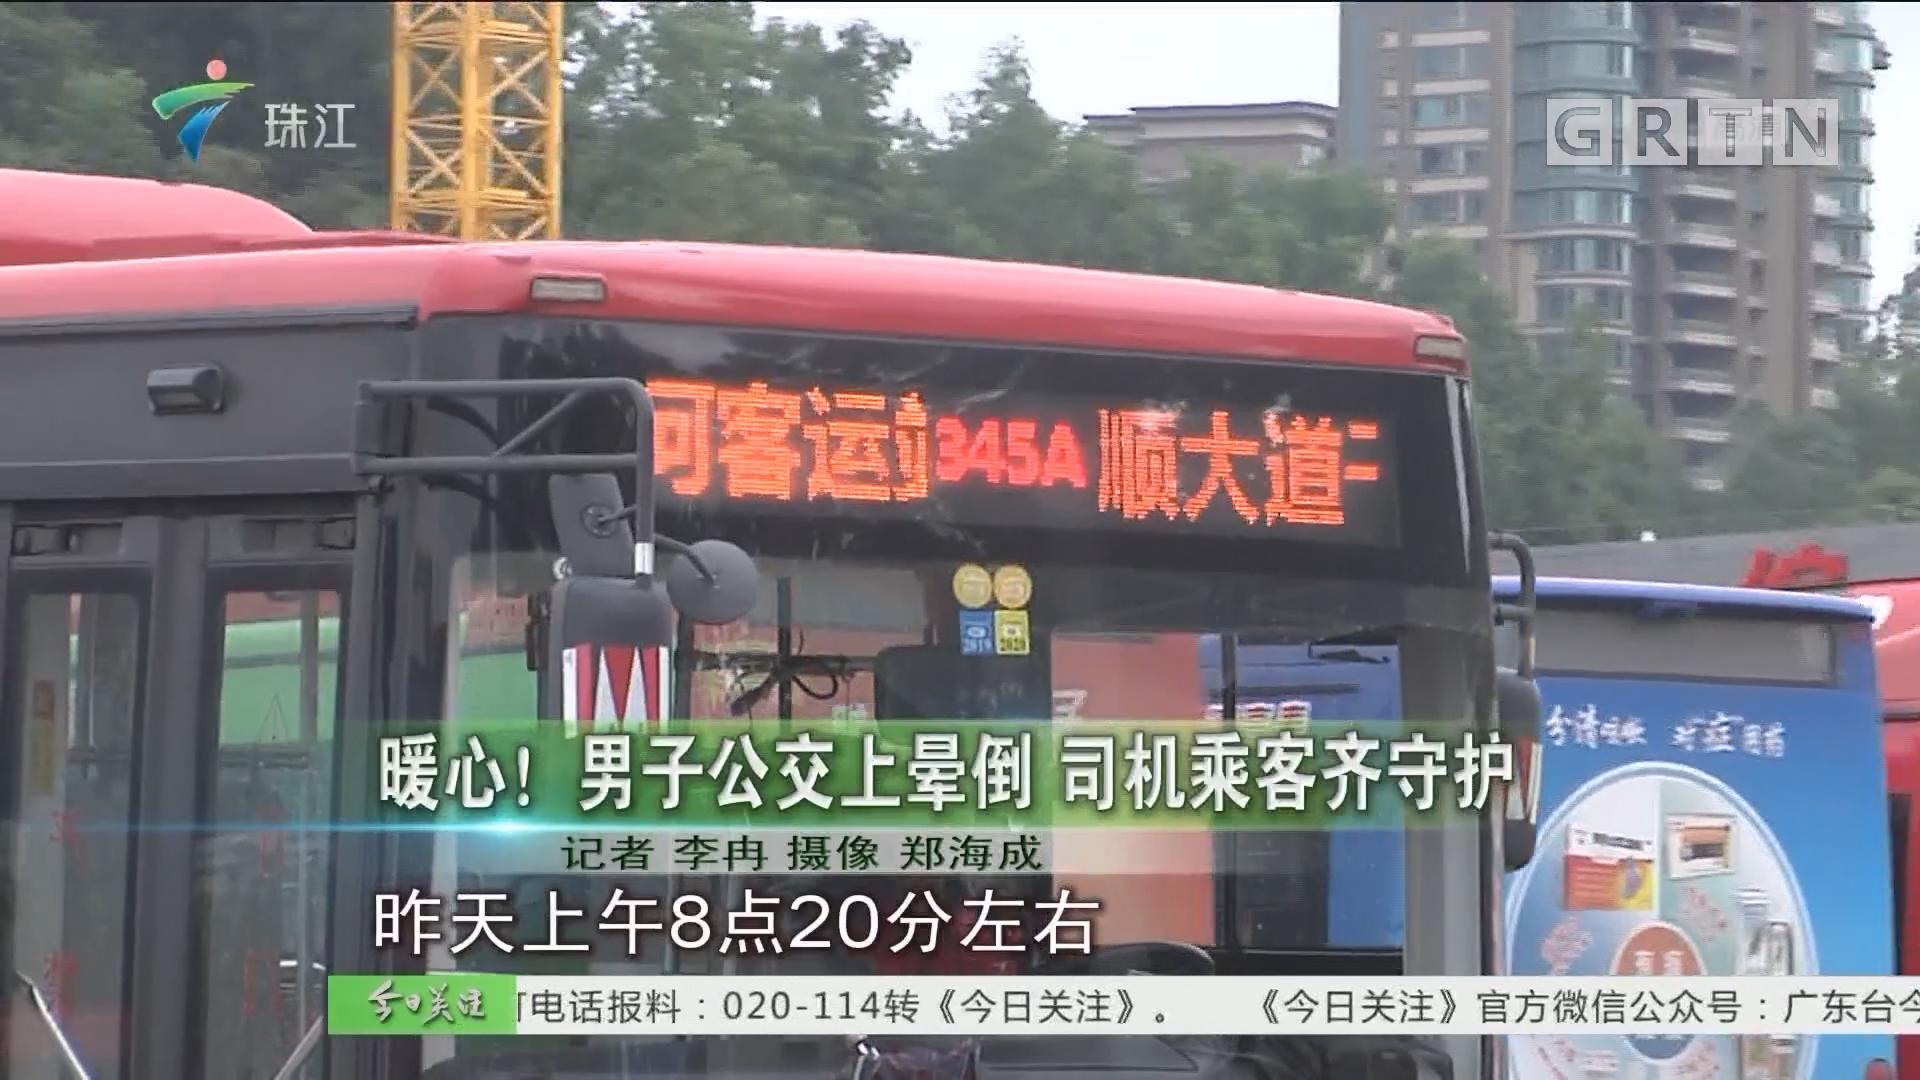 暖心!男子公交上晕倒 司机乘客齐守护